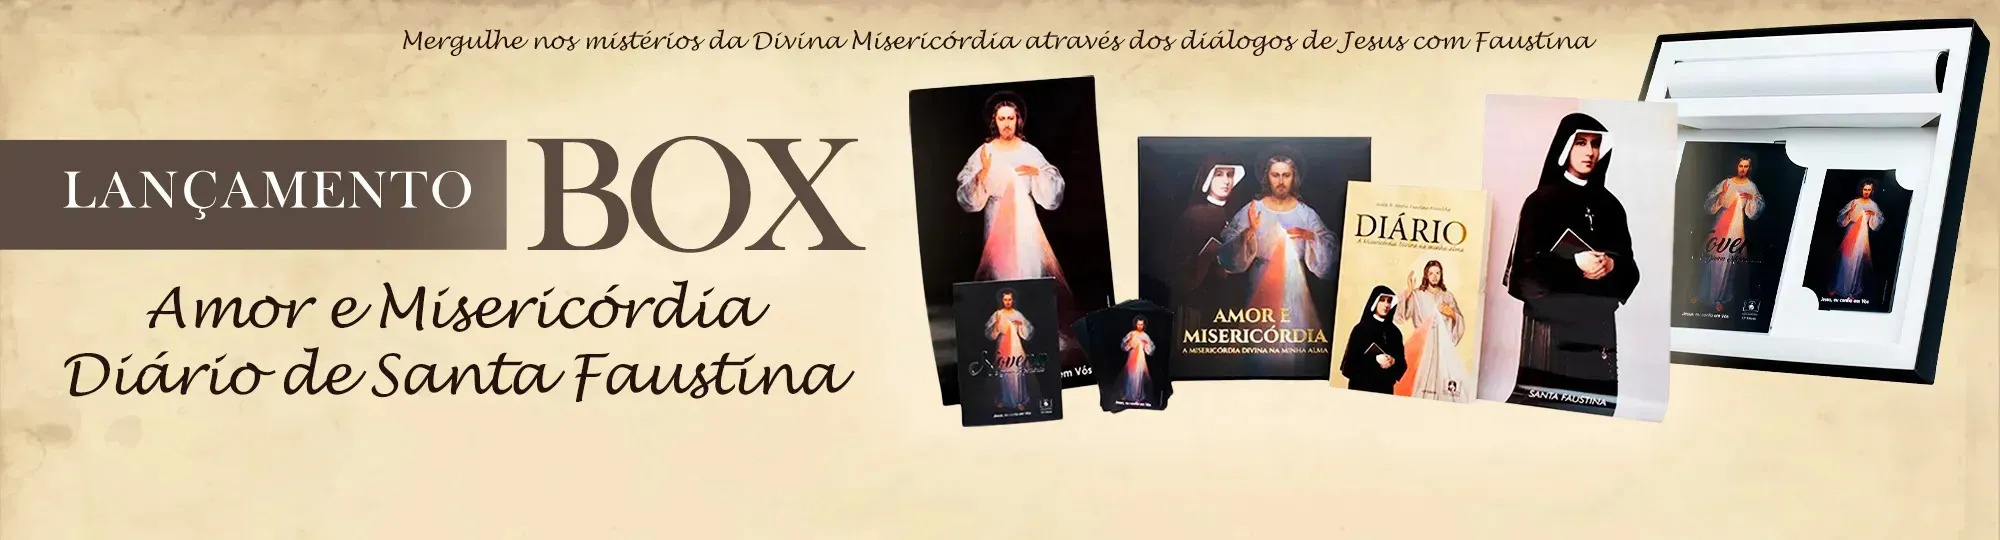 Box Amor e Misericordia